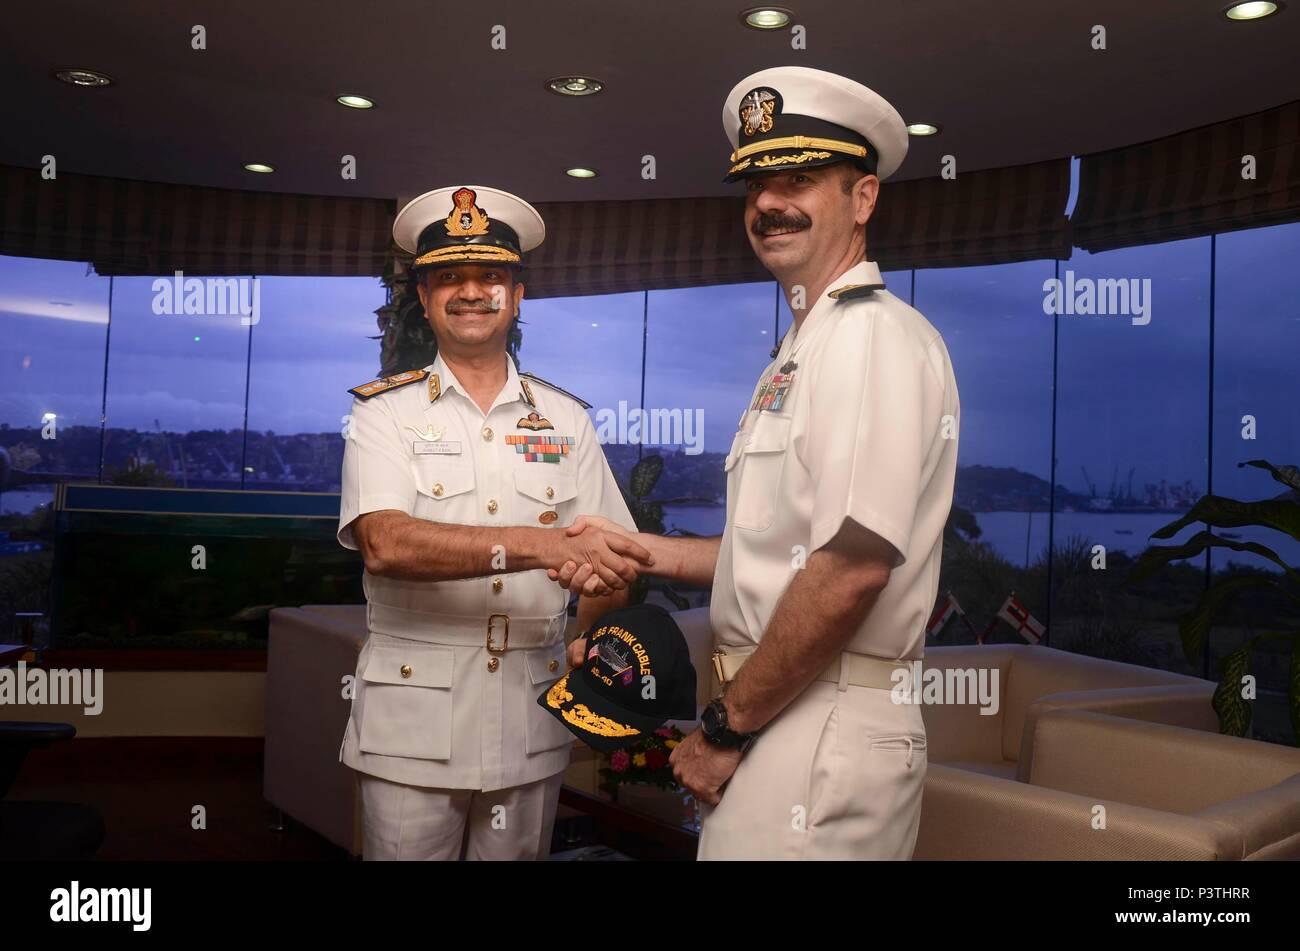 GOA, India (July 29, 2016) Capt  Drew St  John, commanding officer